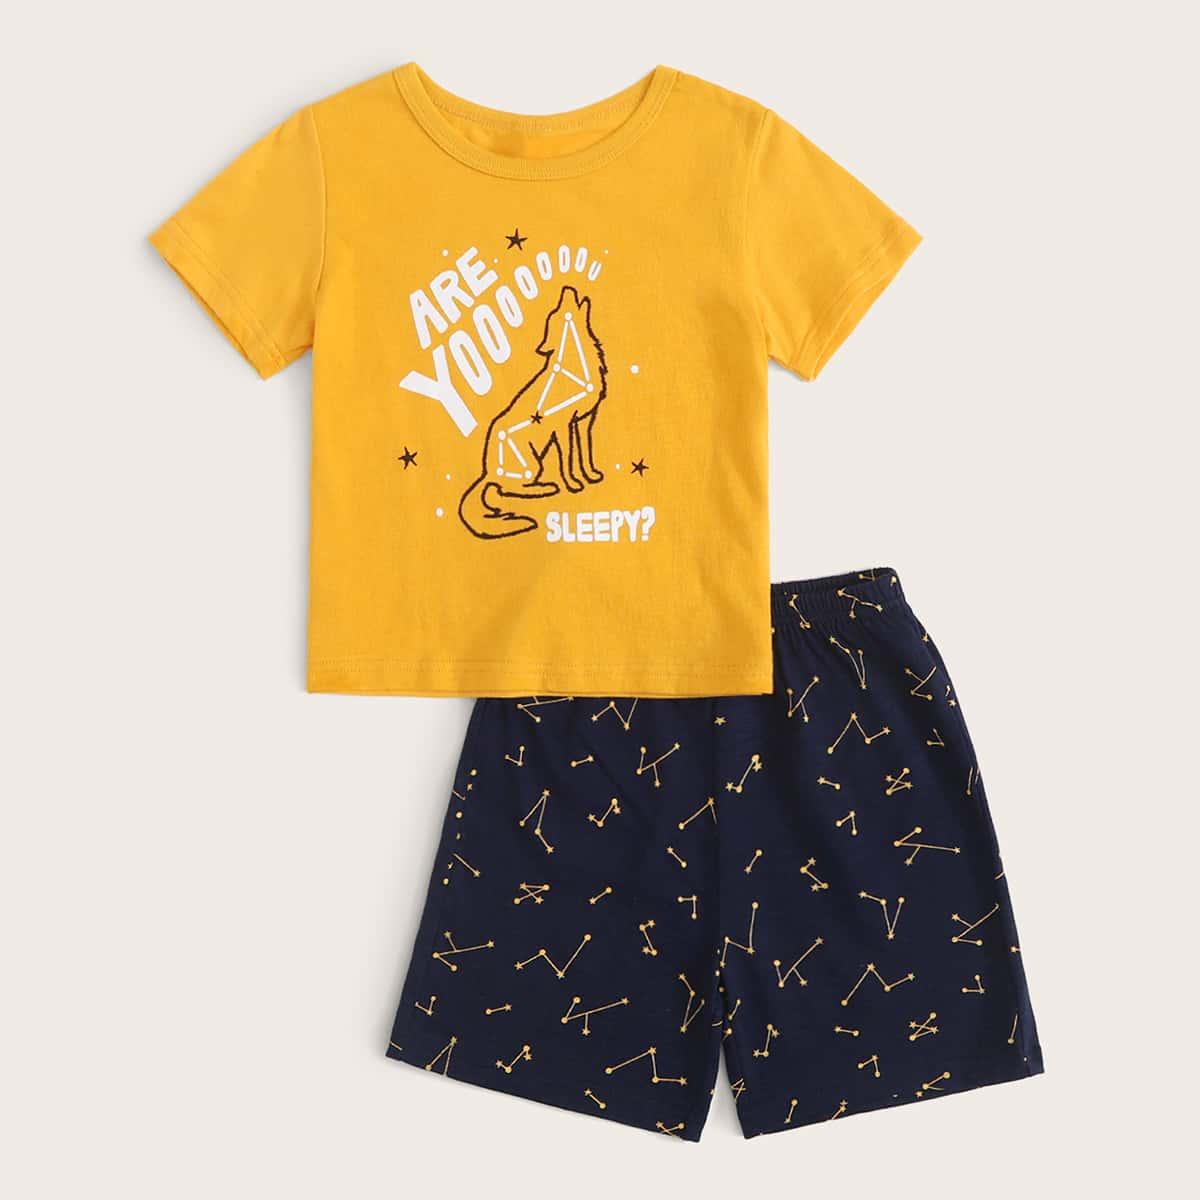 Пижама с текстовым и геометрическим принтом для мальчиков